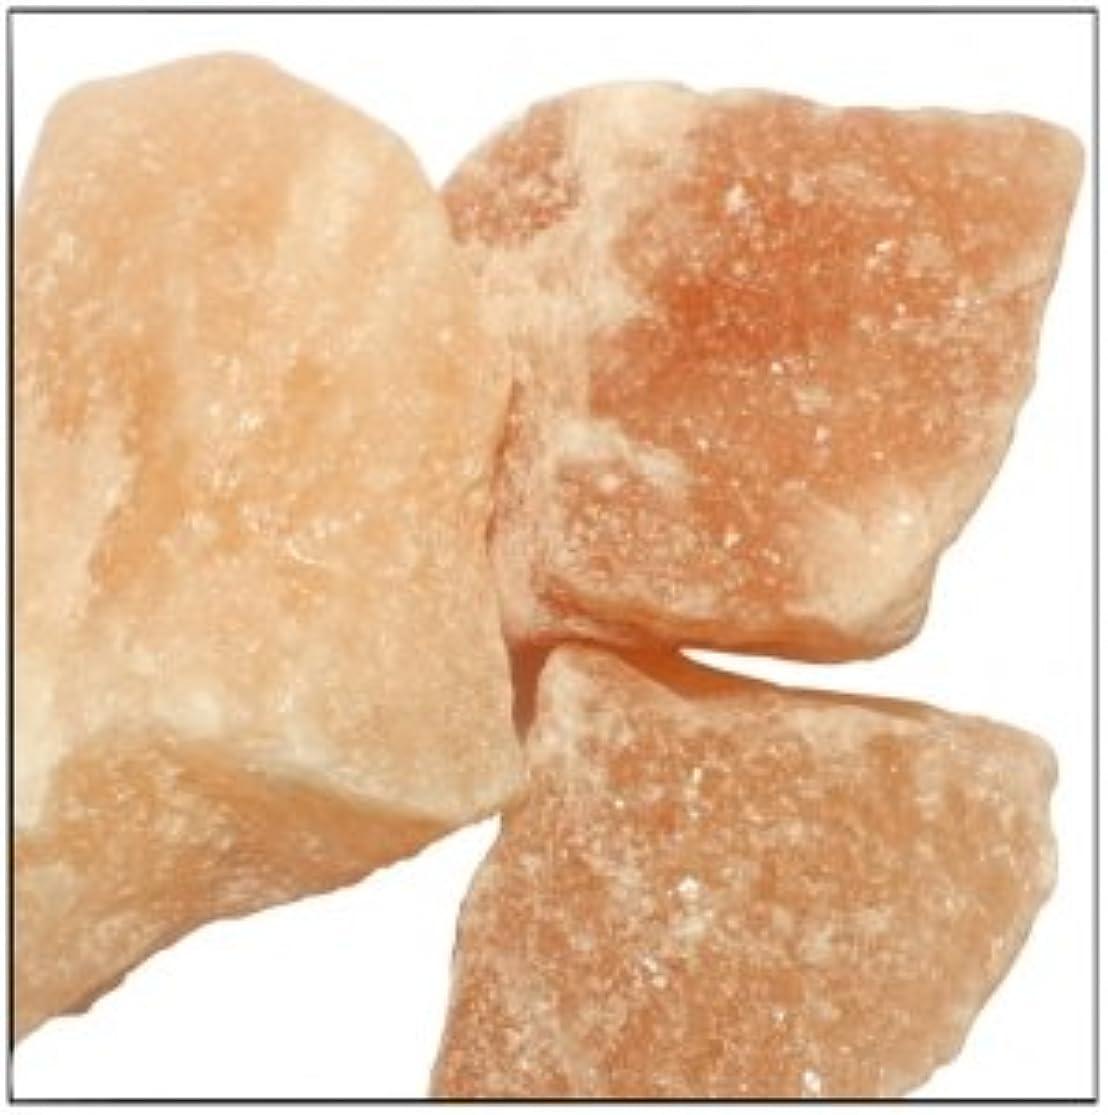 持続的稼ぐ争うヒマラヤピンク岩塩500g